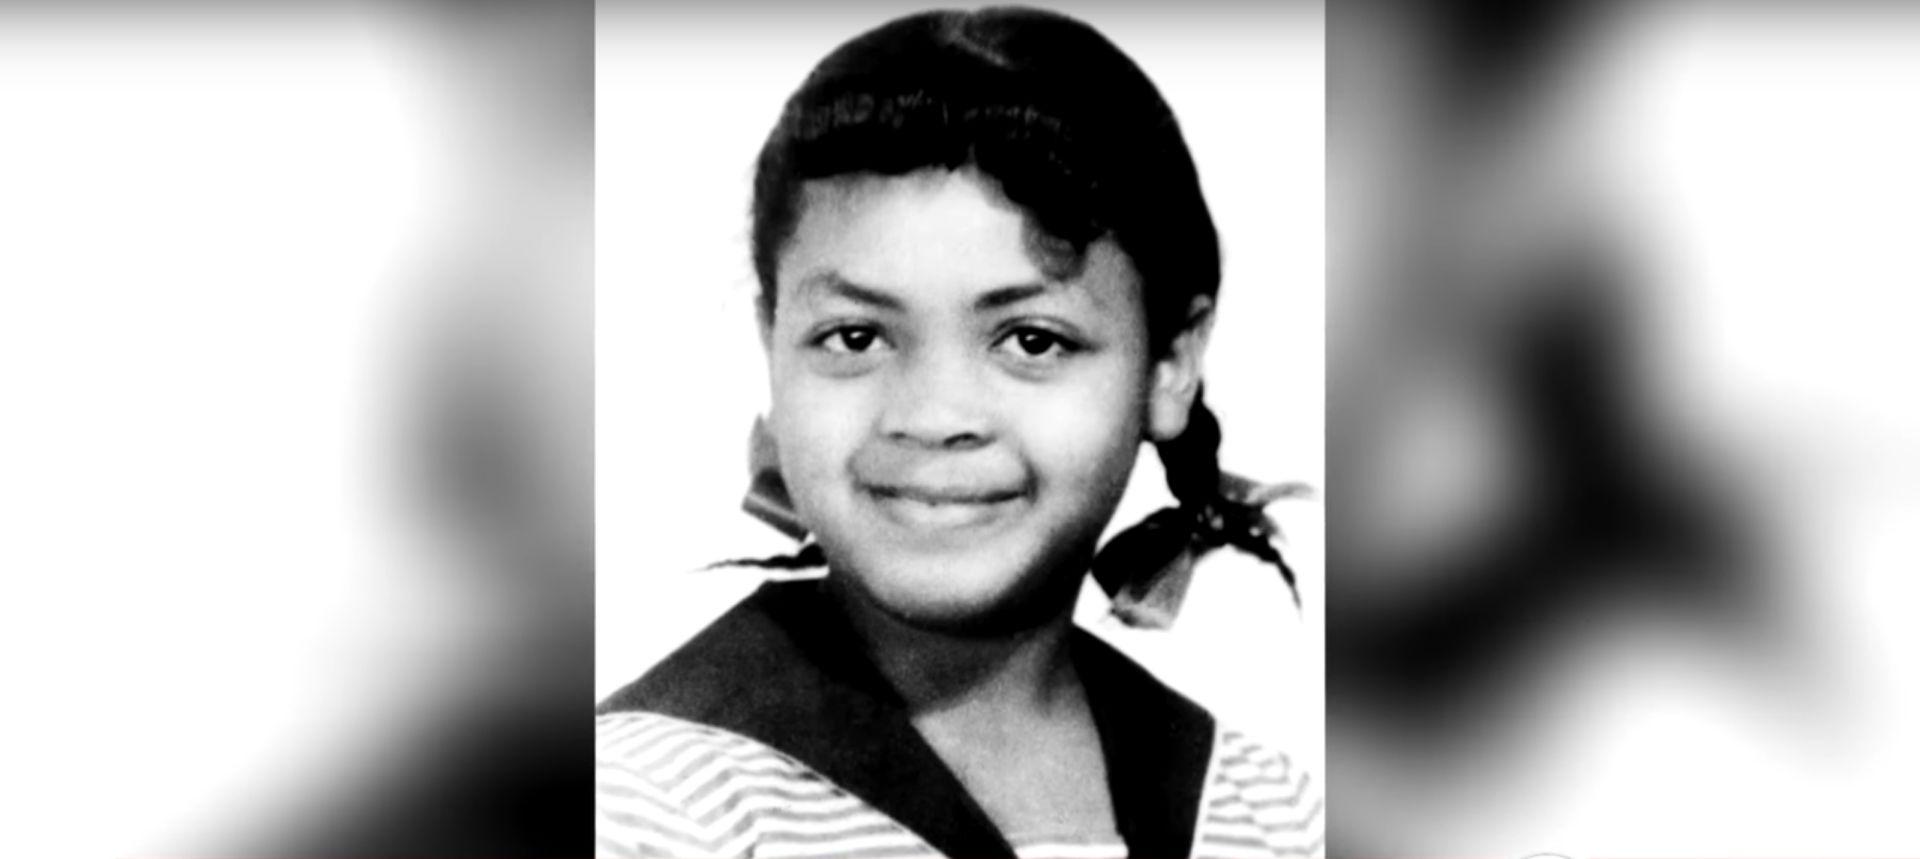 Umrla Linda Brown, koja je prekinula rasnu segregaciju u američkim školama